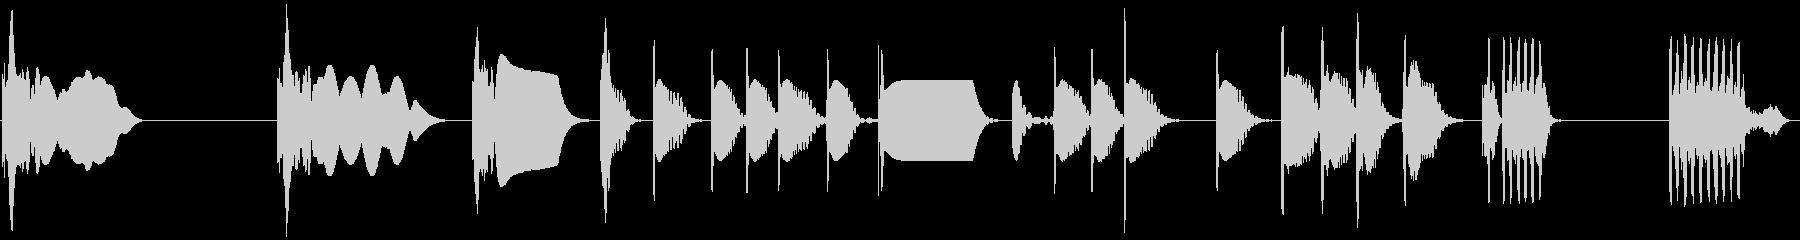 レーザーポップタイトジッピーの未再生の波形